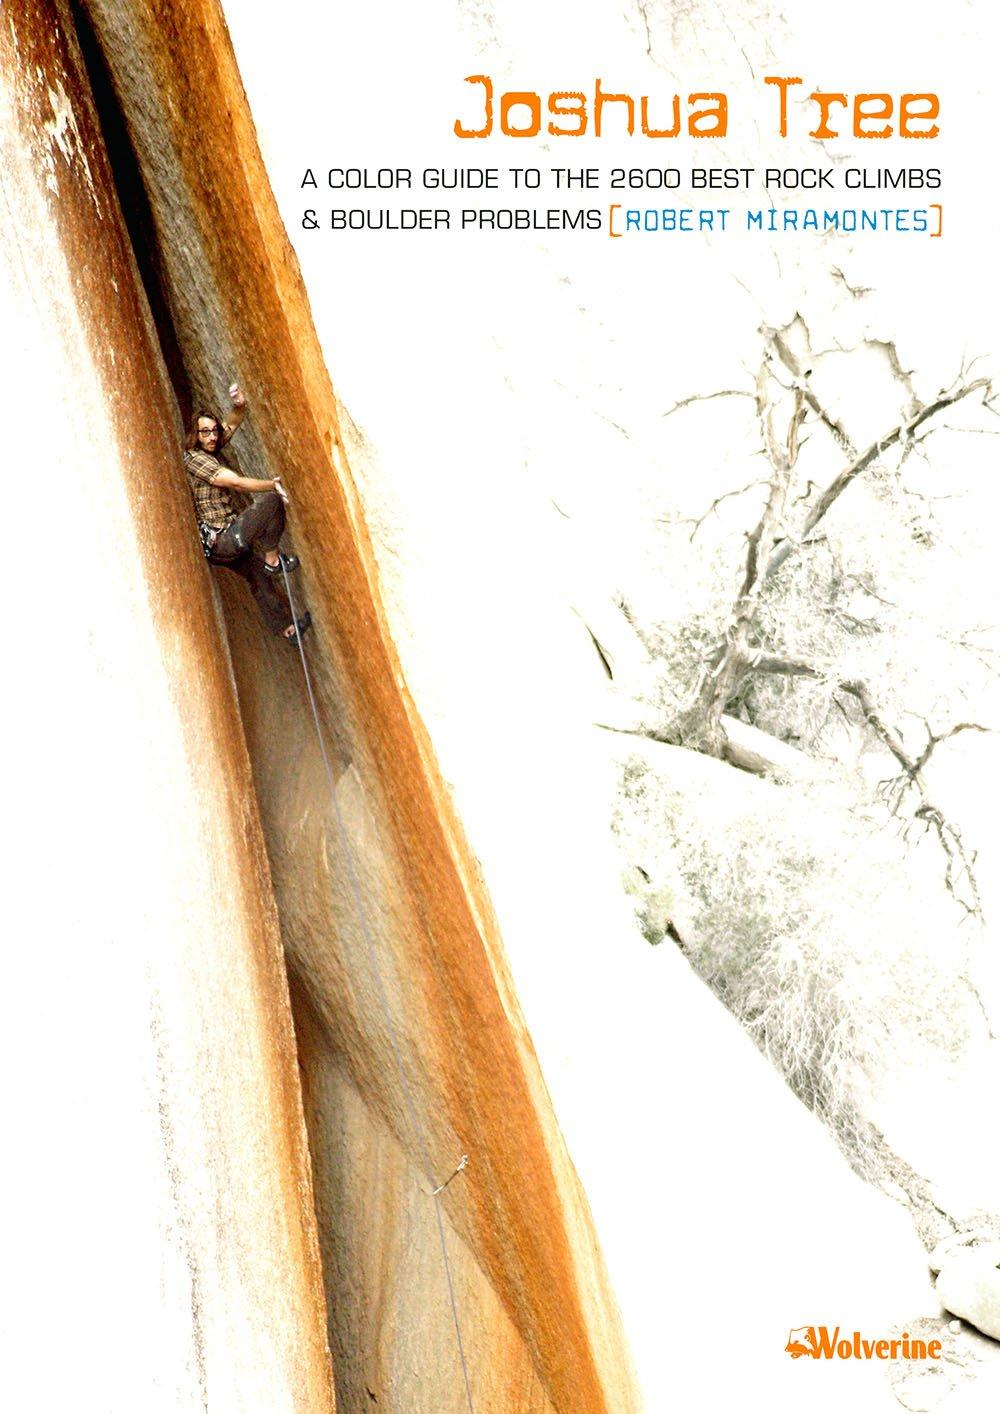 Дерево джошуа скачать книгу